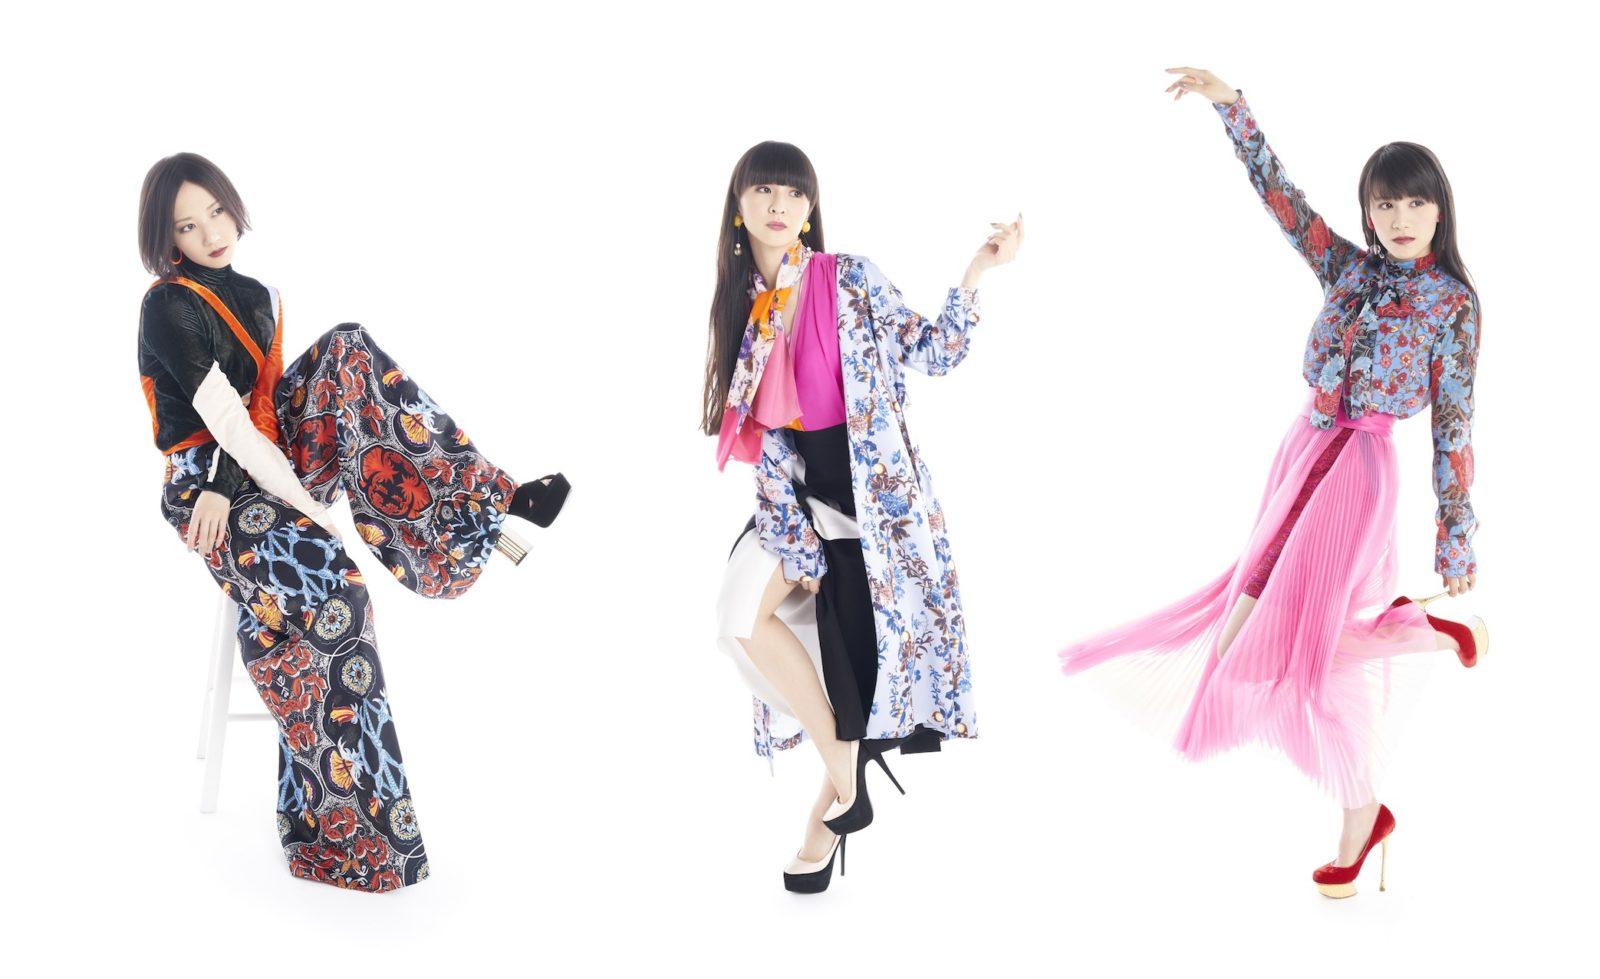 Perfume ニューシングルに話題のAWA DANCEを収録?!新ビジュアルも公開サムネイル画像